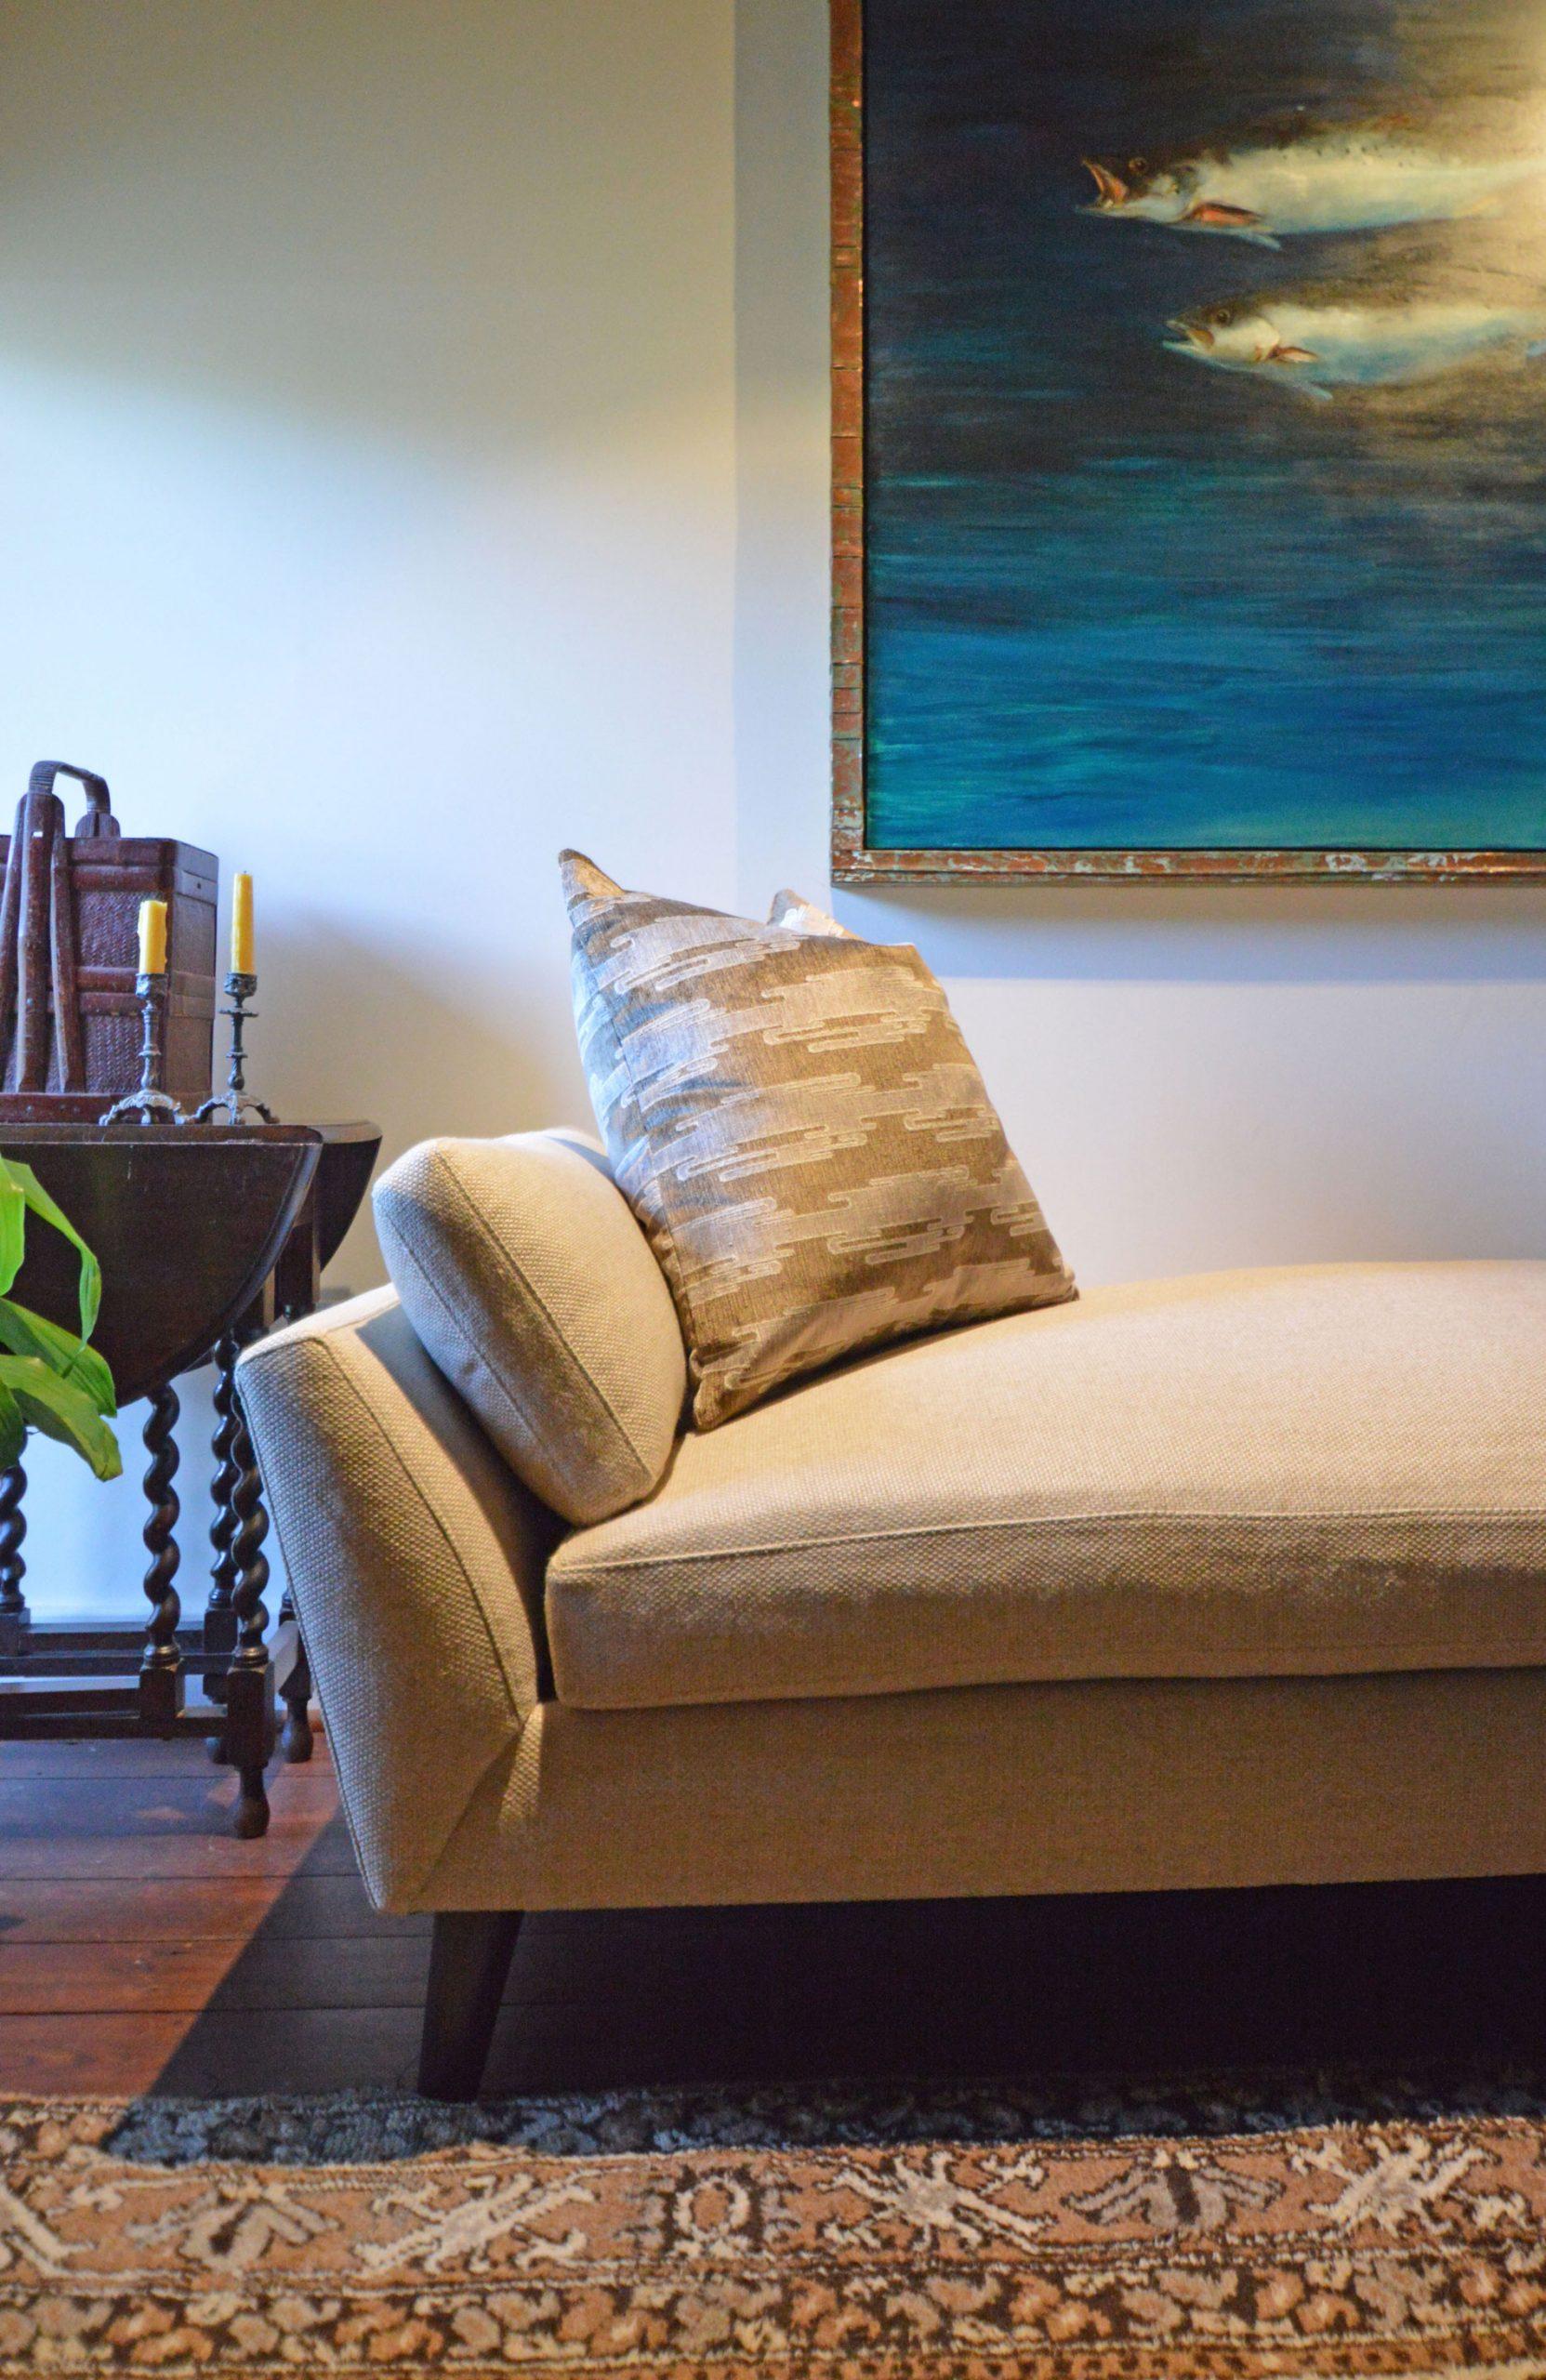 sindel-joel-dixon-smith-interiors-baton-rouge-interior-design-custom-furniture-web-0001